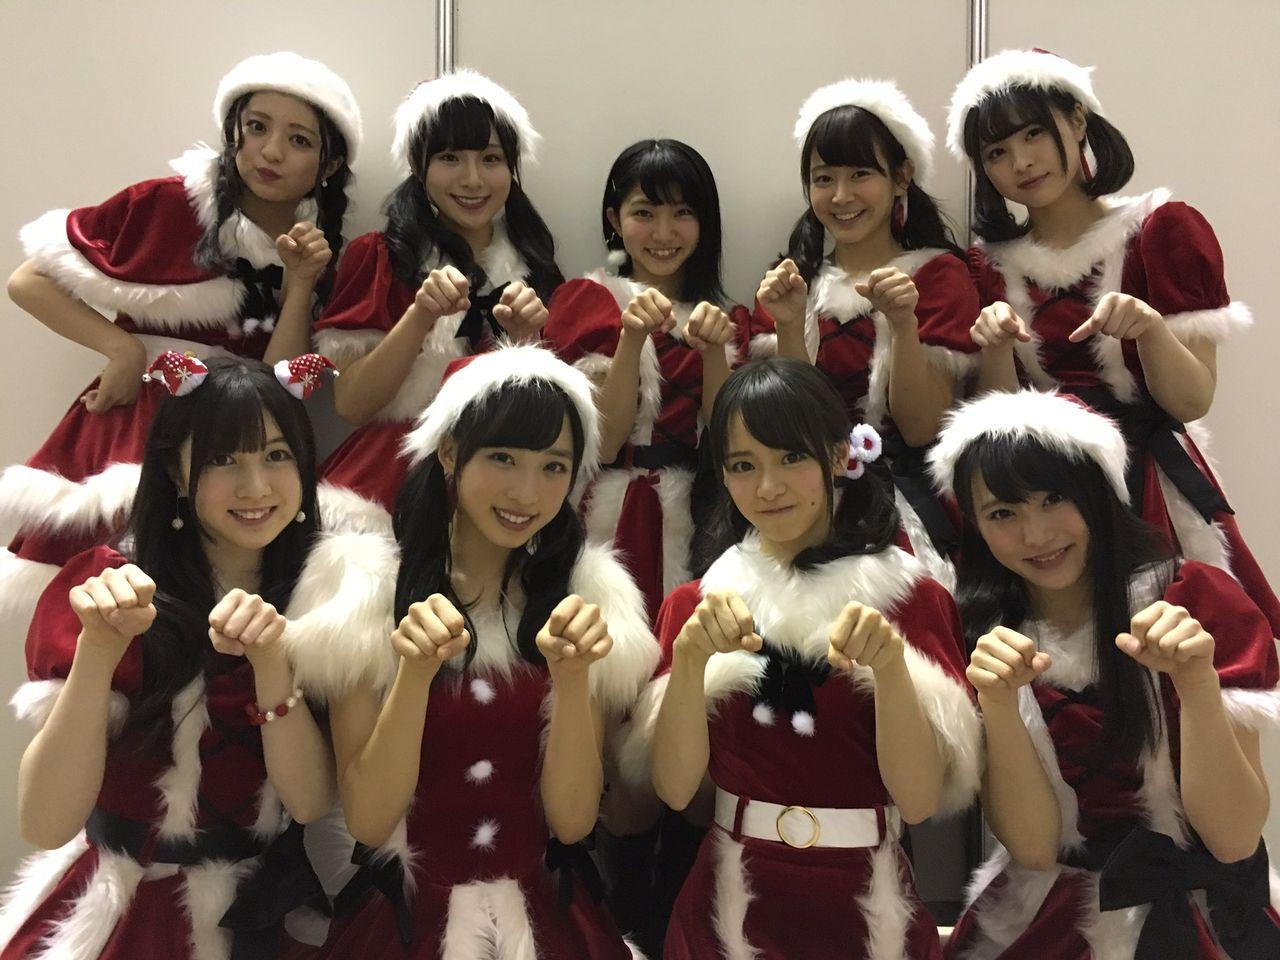 【AKB48】チーム8の勢いが衰えたのはいつから?